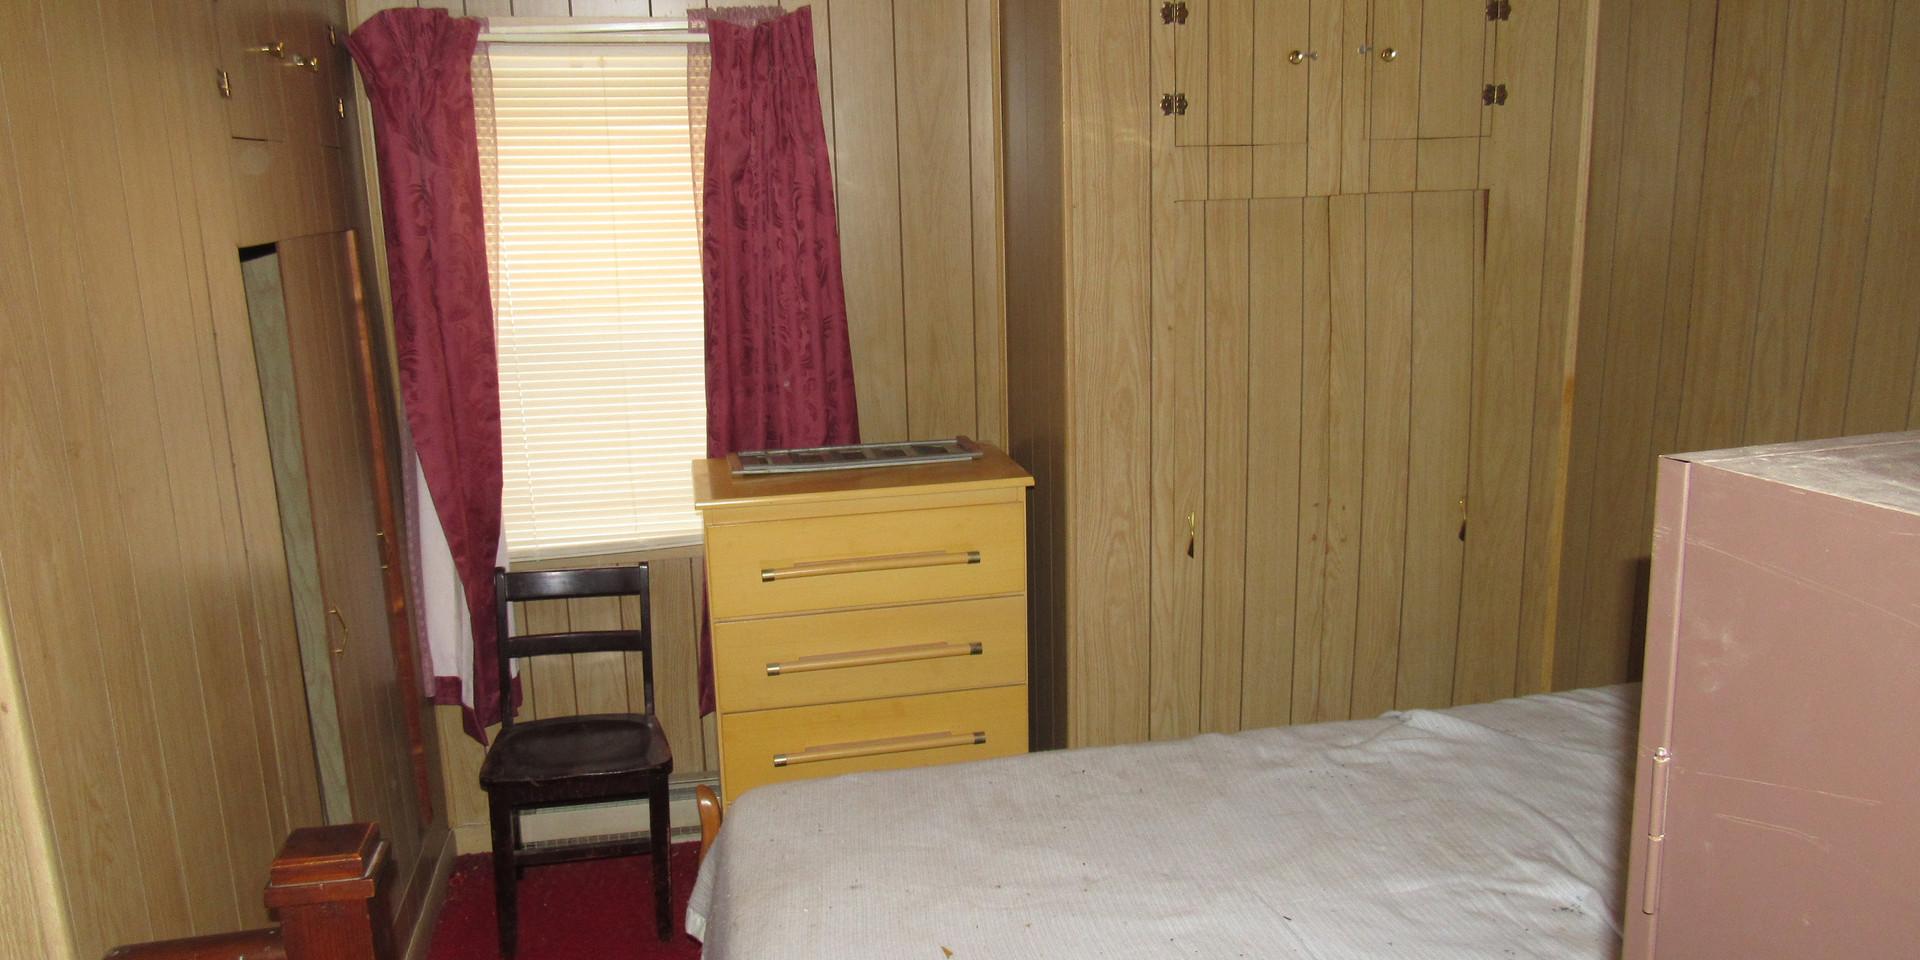 09 Bedroom 2B.JPG